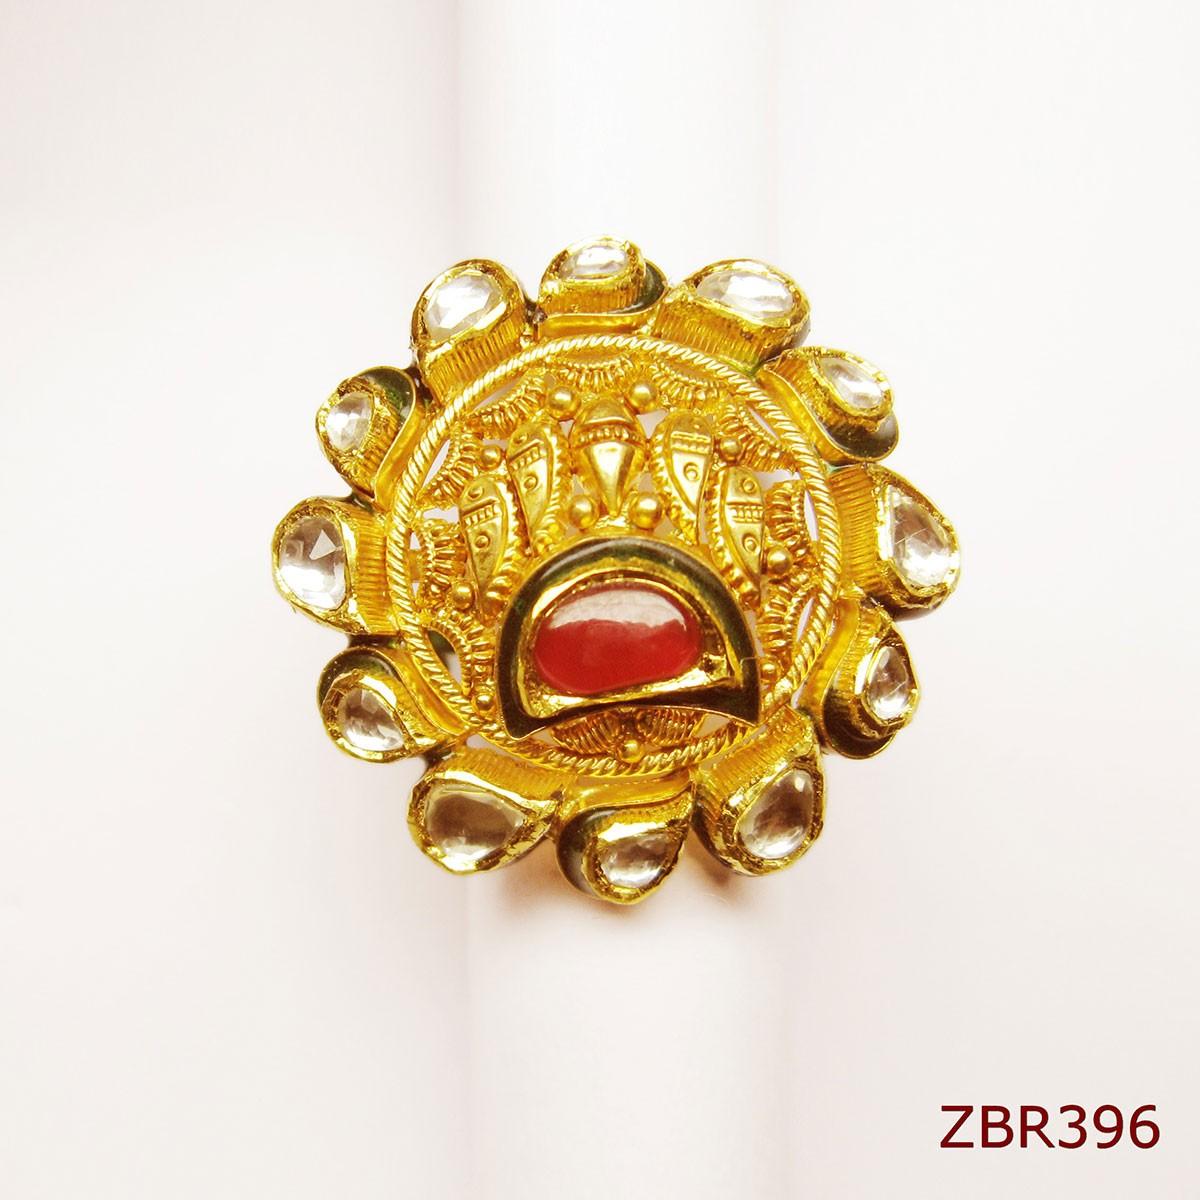 ZBR396